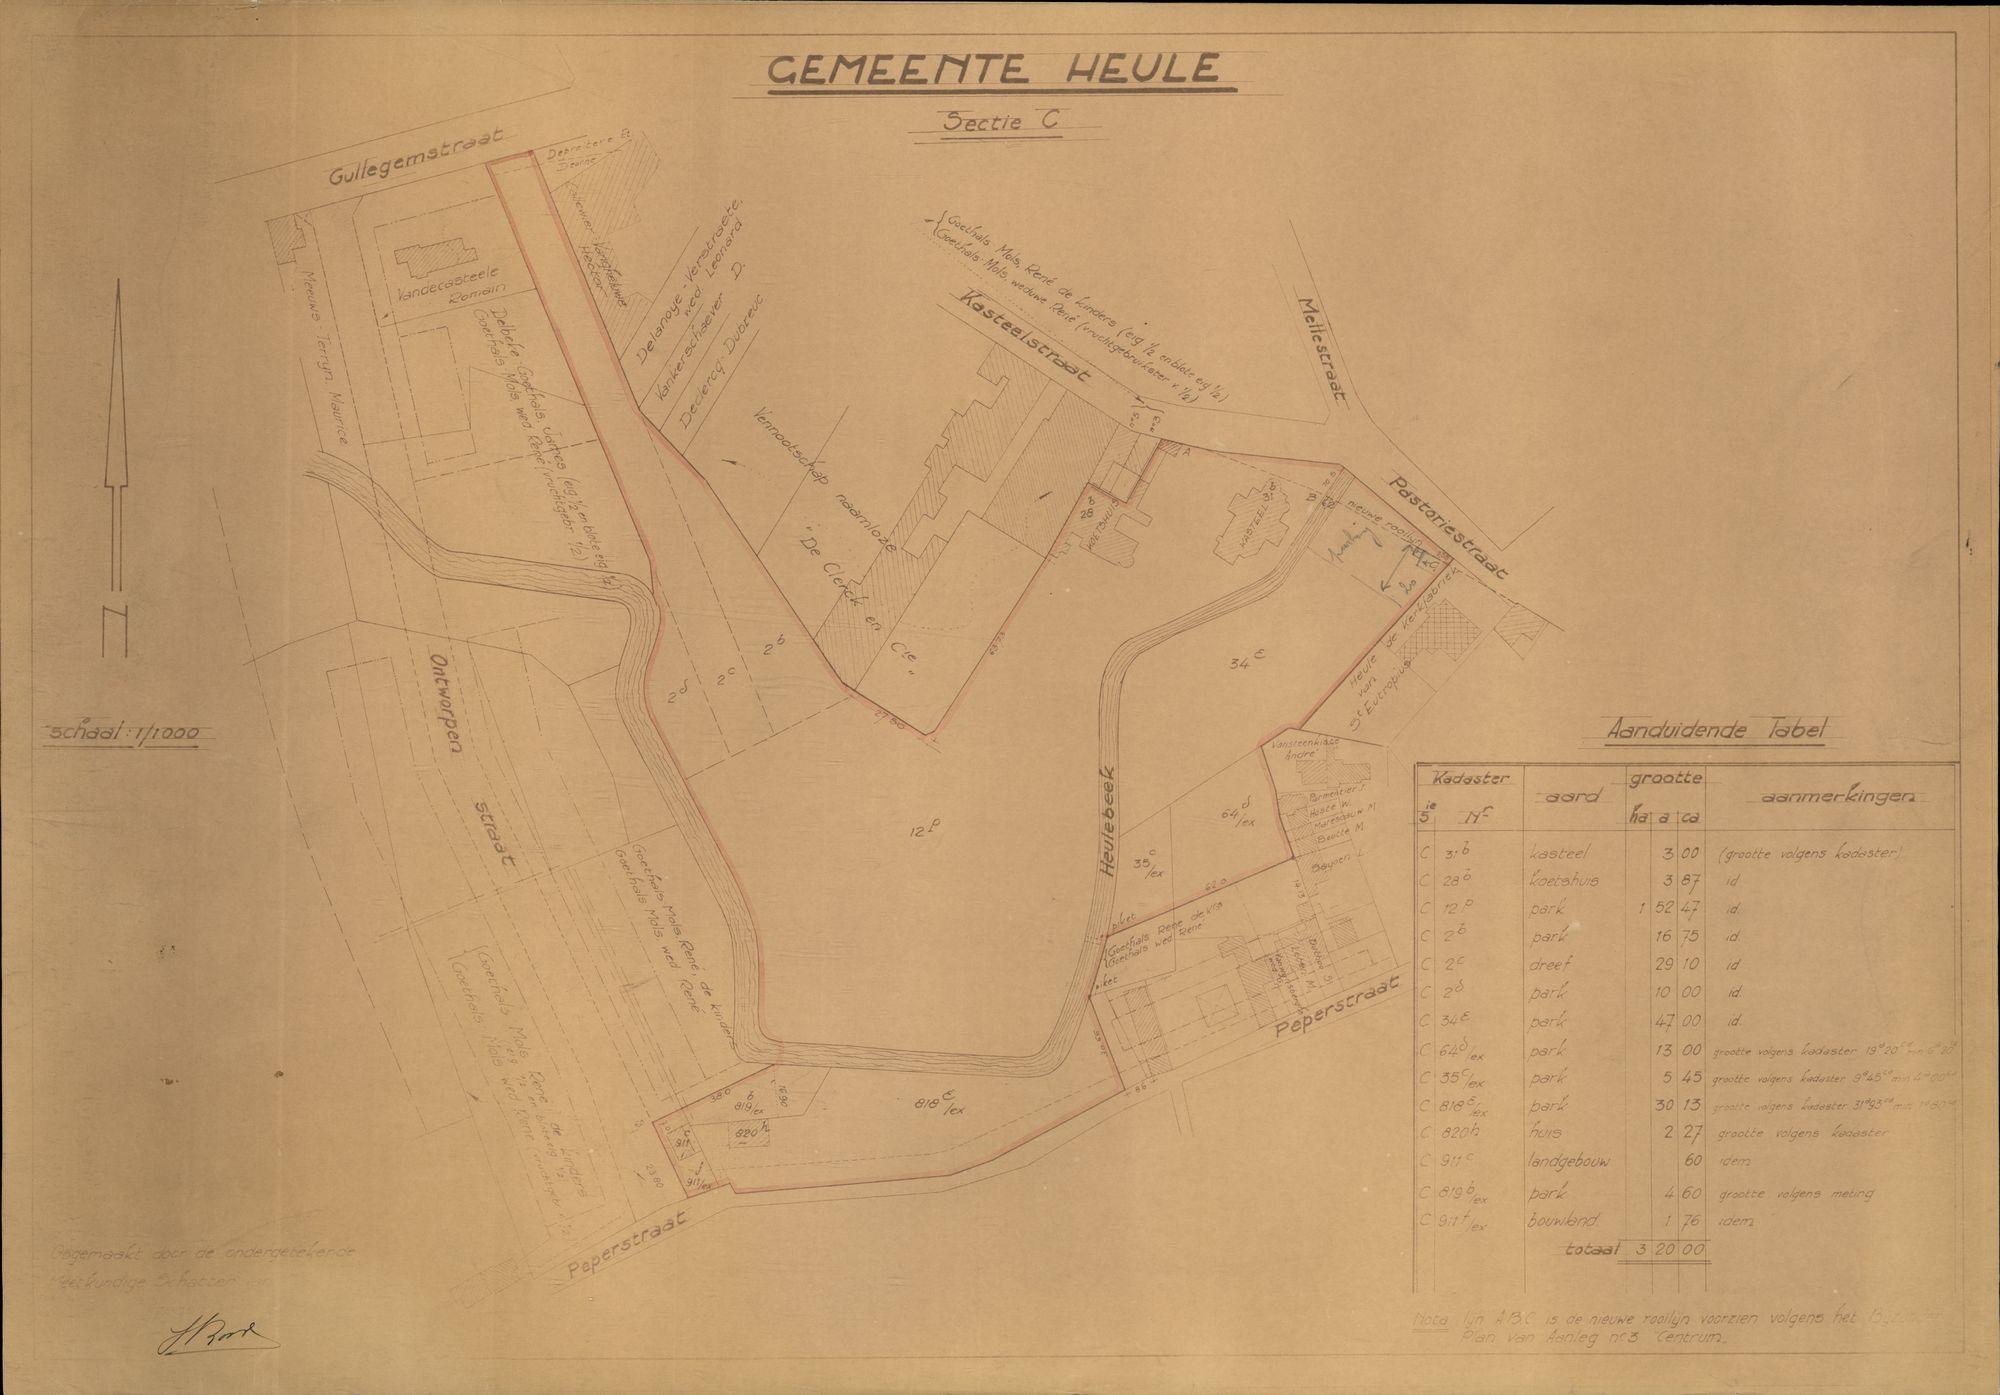 Plattegrond van Heule, in de omgeving van de Kasteelstraat, 2de helft 20ste eeuw